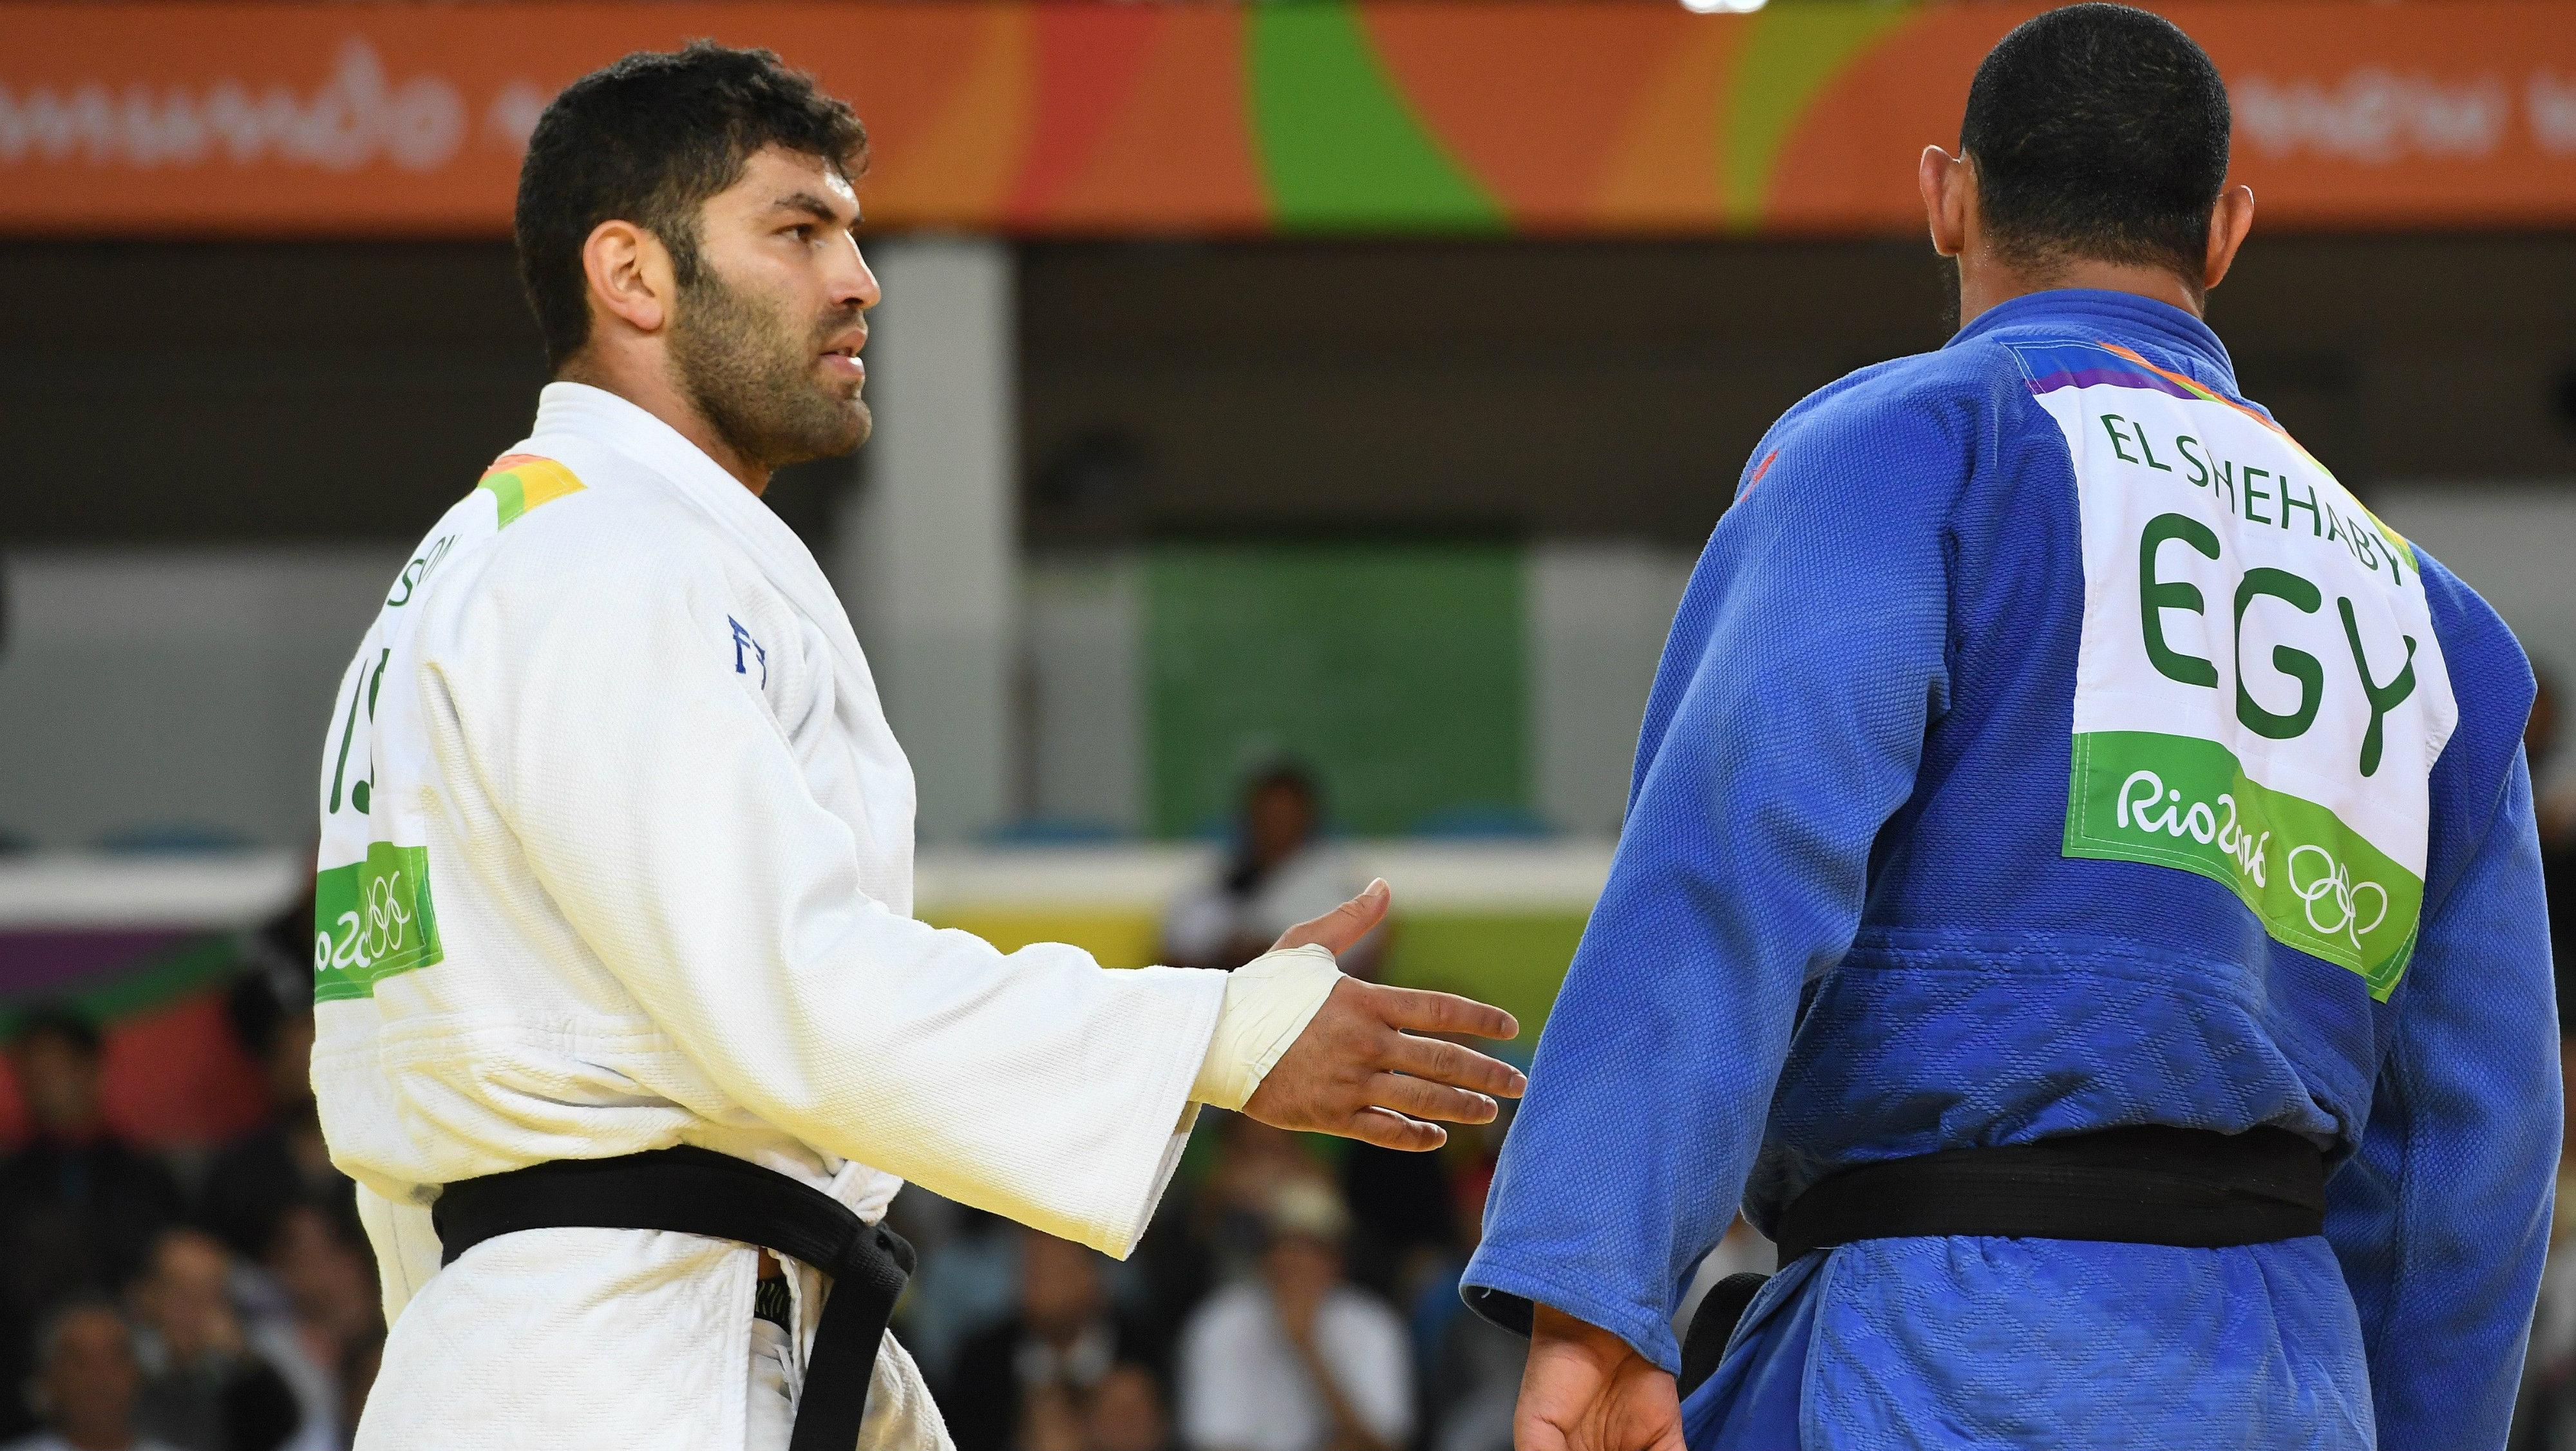 Rio2016_Egypt_Israel